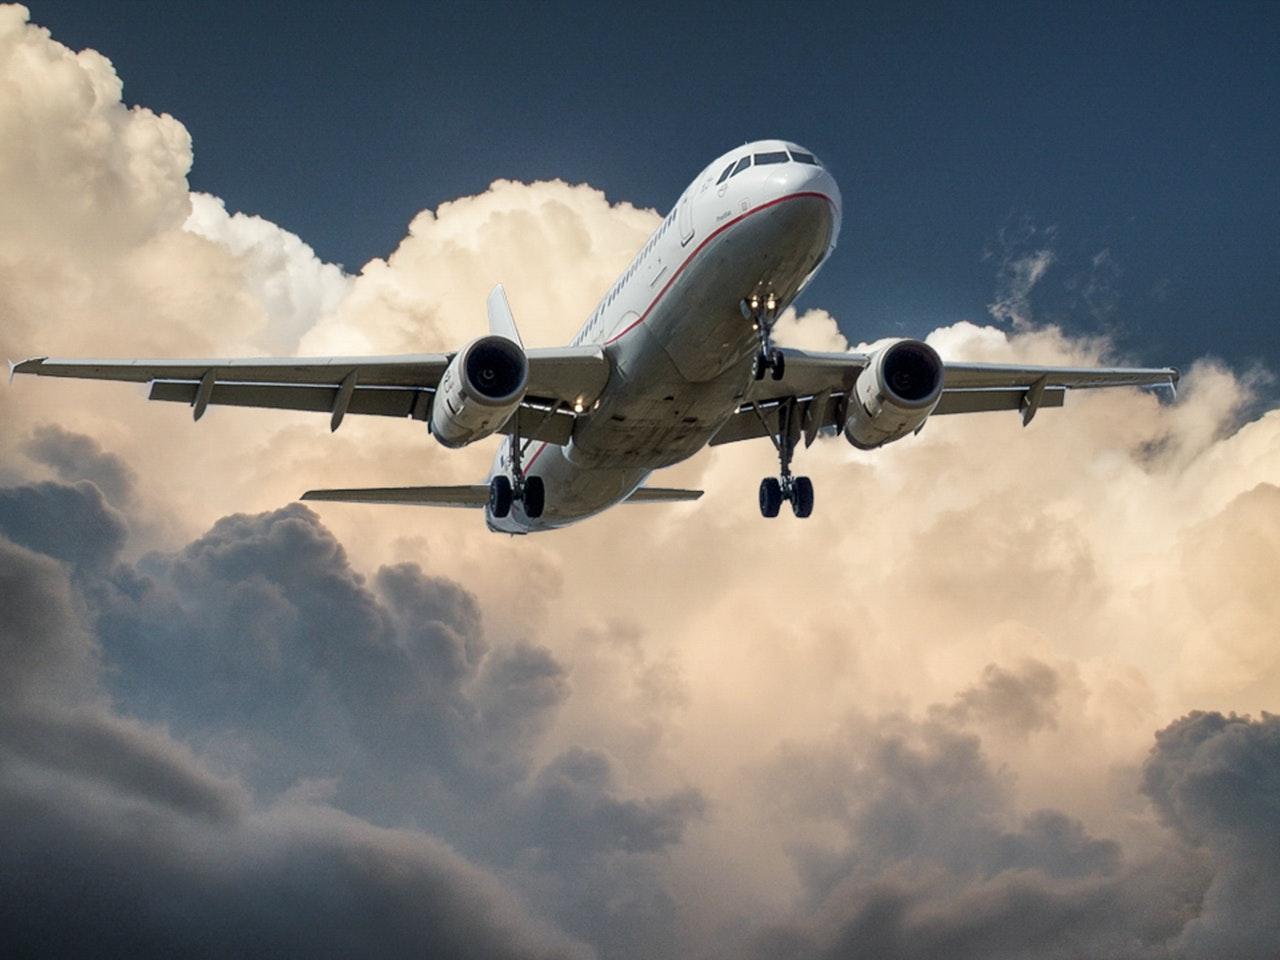 Secteur d'activité Dalcoupe - Aéronautique - Tubes acier, inox, alu et métaux nobles